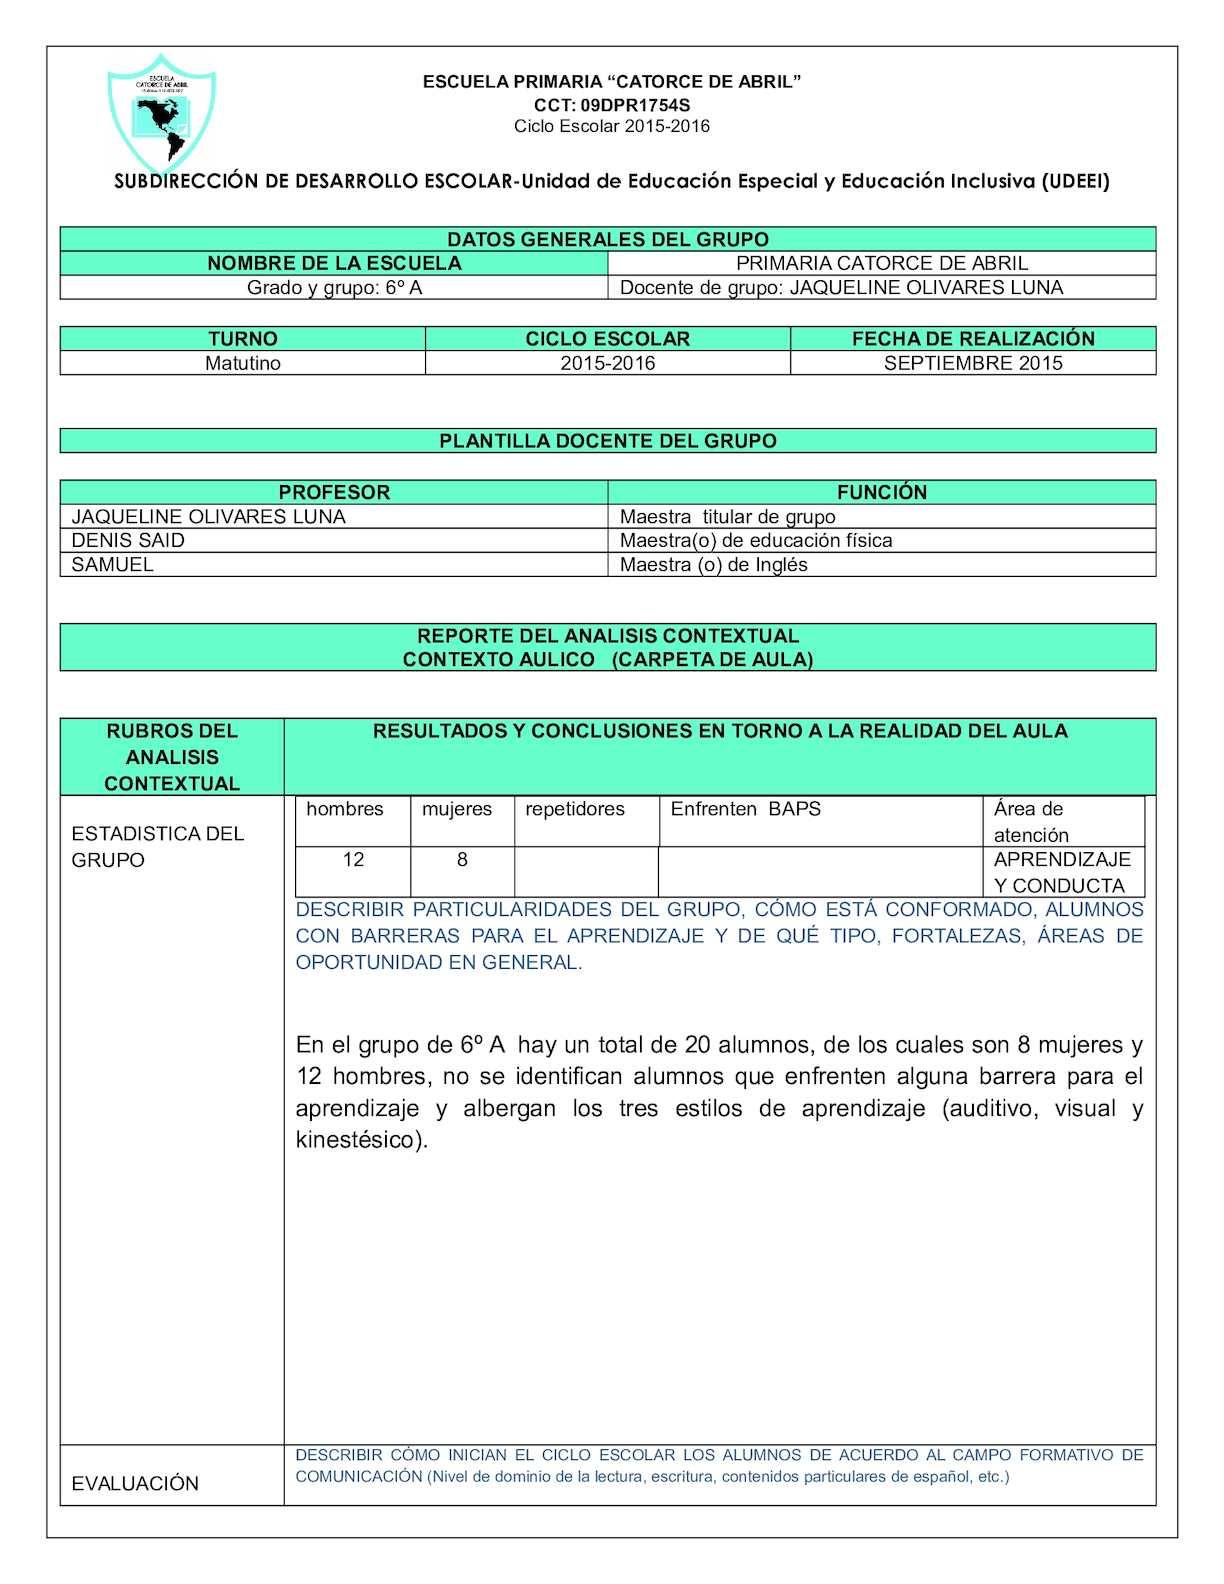 Calam o informe diagnostico 2015 2016 for Funcion de un vivero escolar